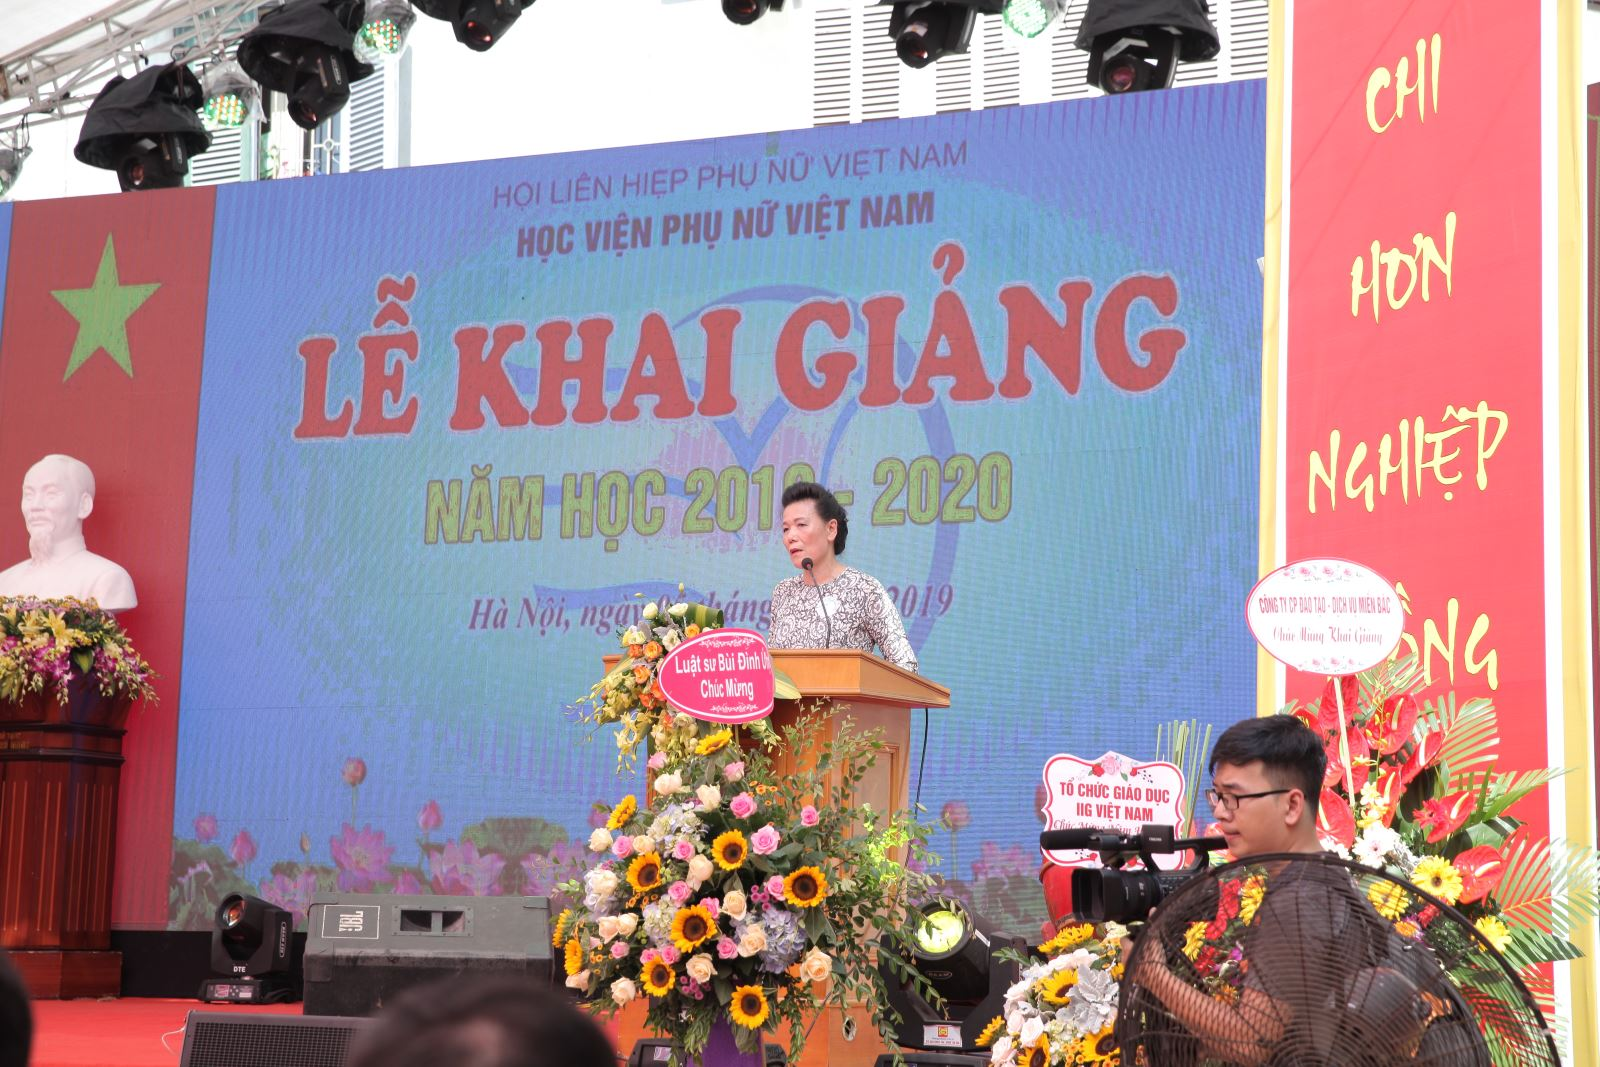 VOV: Học viện Phụ nữ Việt Nam khai giảng năm học mới